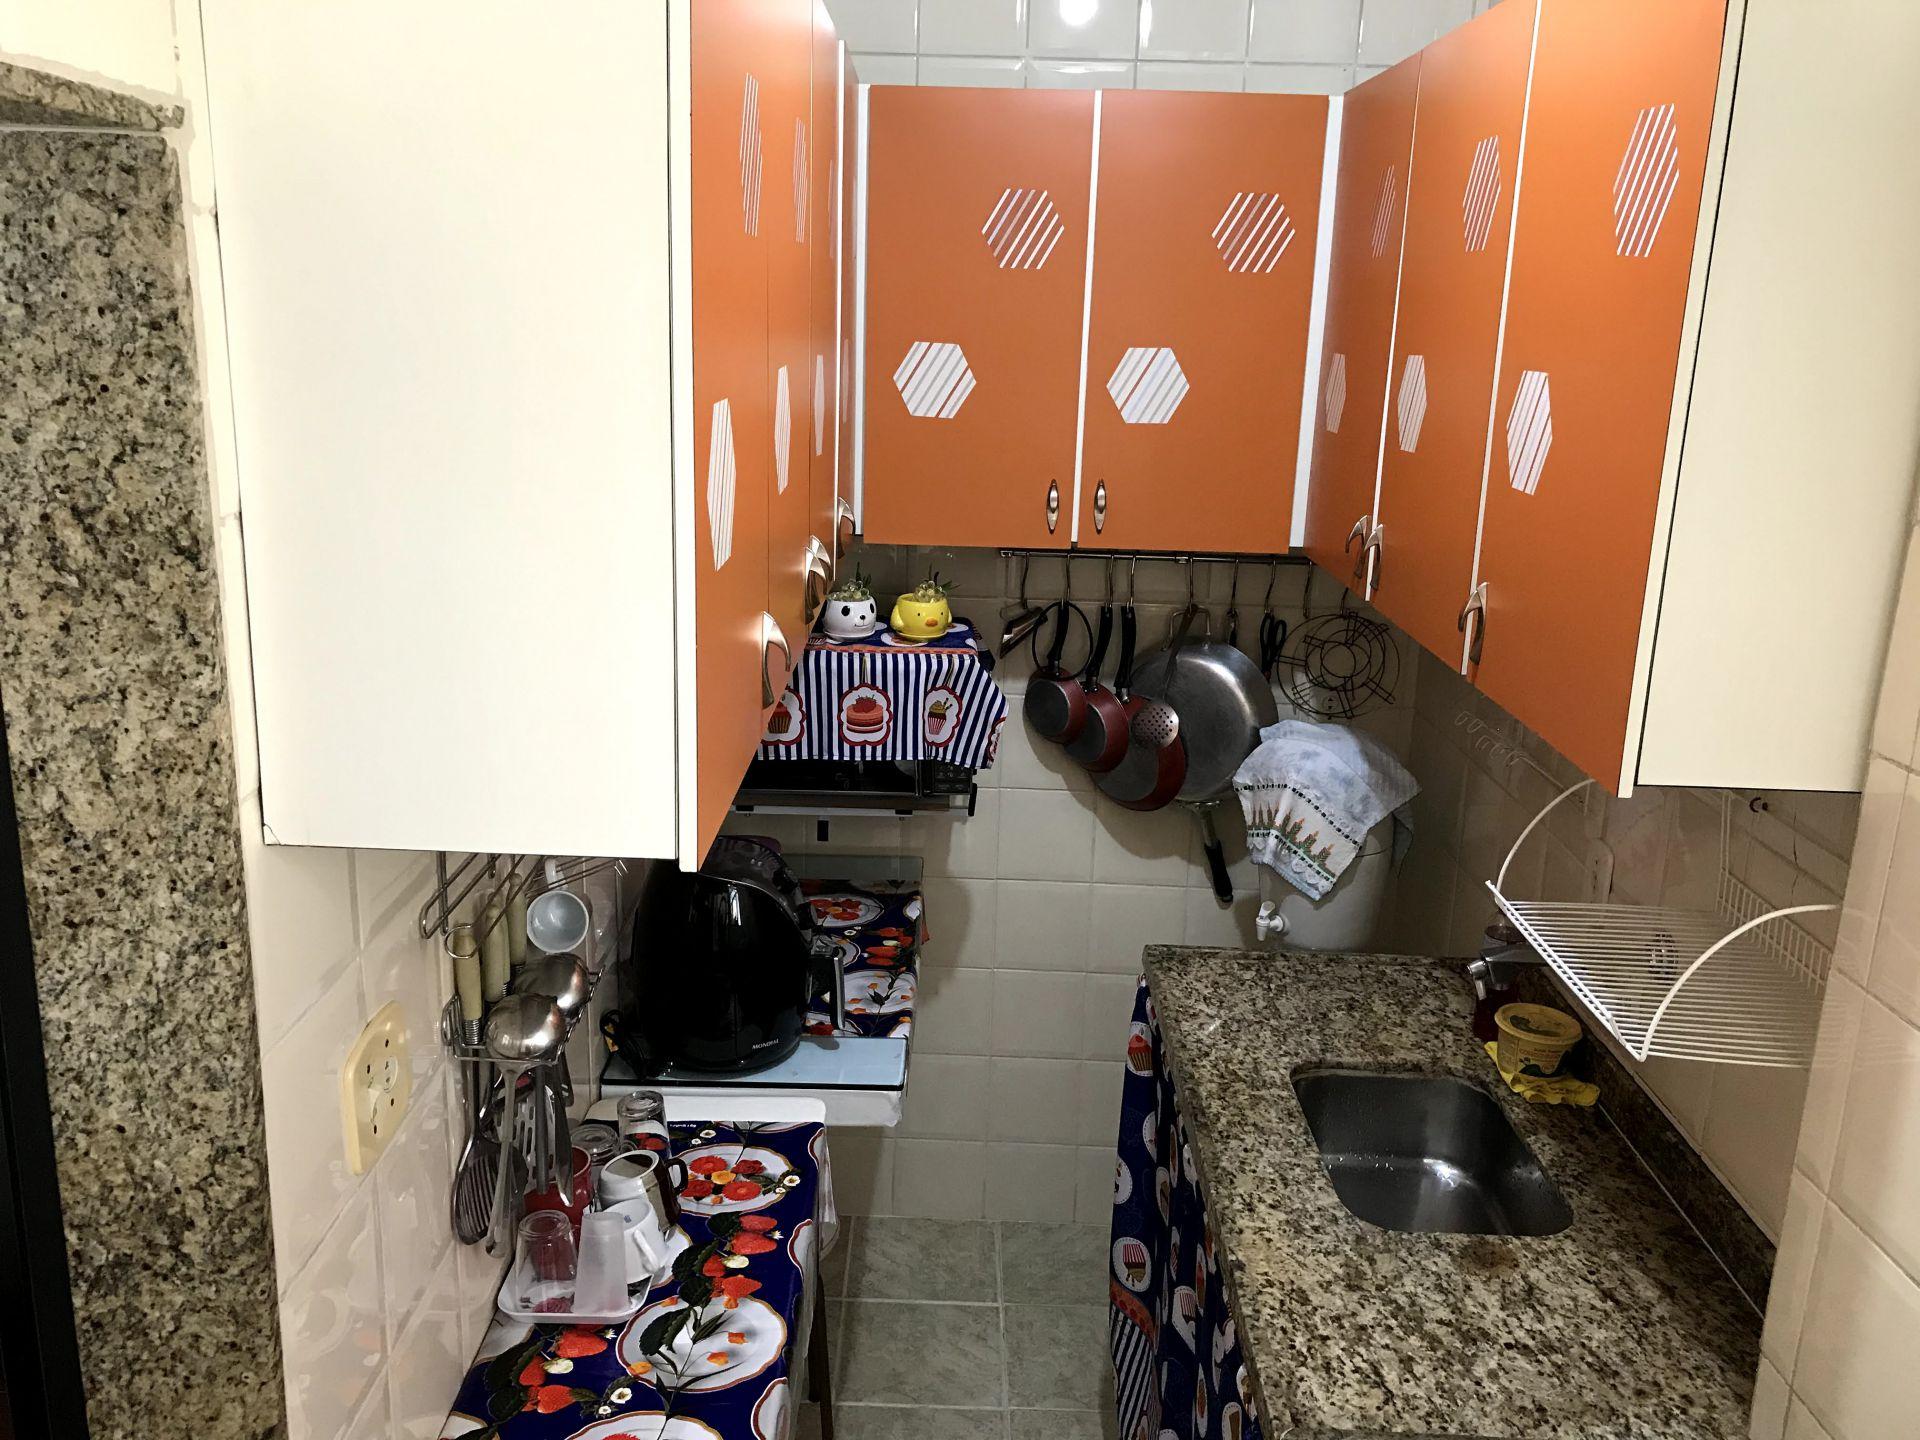 FOTO 4 - Apartamento à venda Avenida Marechal Fontenele,Jardim Sulacap, Rio de Janeiro - R$ 225.000 - RF168 - 5